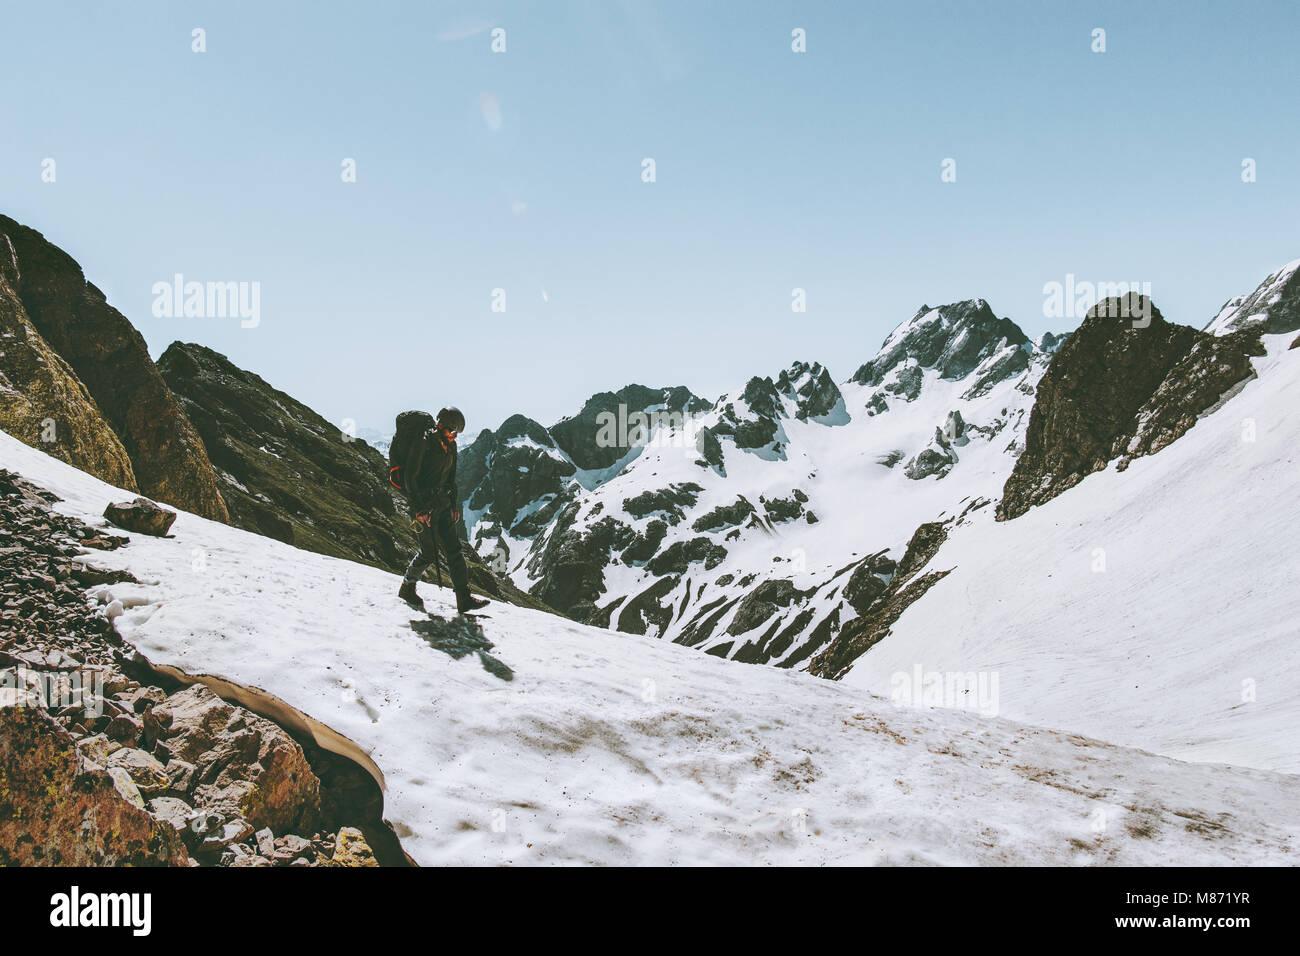 L'uomo viaggiatore con zaino trekking in montagna innevata di viaggio lo stile di vita di sopravvivenza concetto Immagini Stock